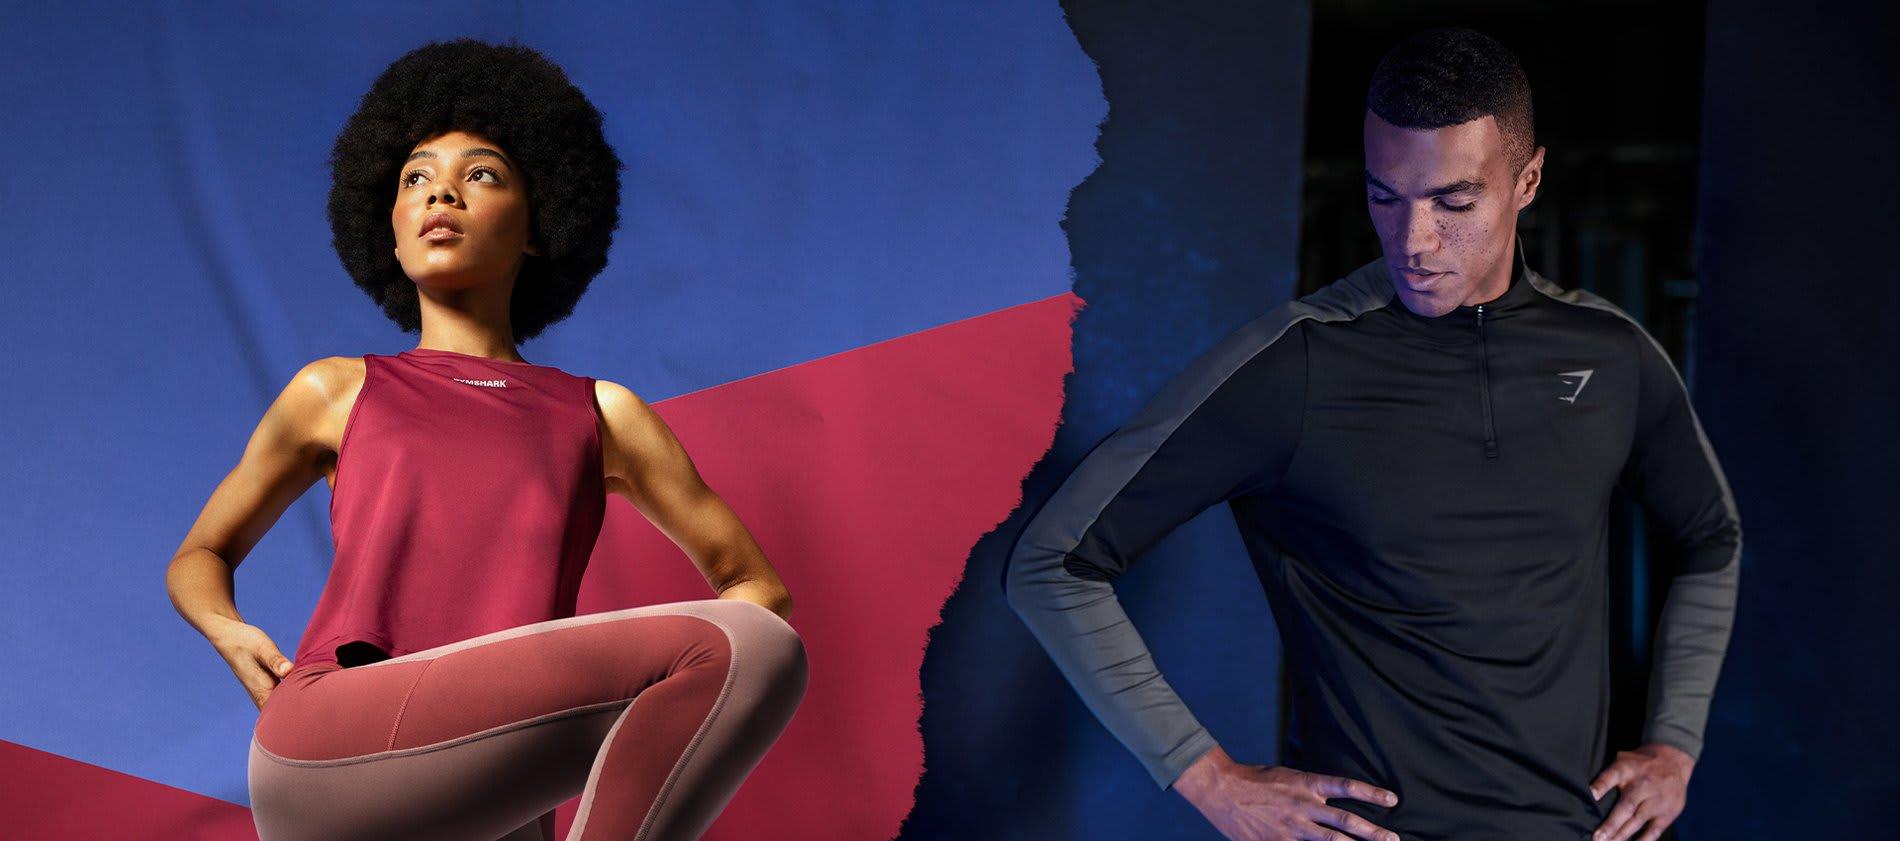 Links, dame draagt een burgundy Eurofie tanktop en leggings in de kleur taupe. Rechts, man draagt de Regulate collectie in het zwart.